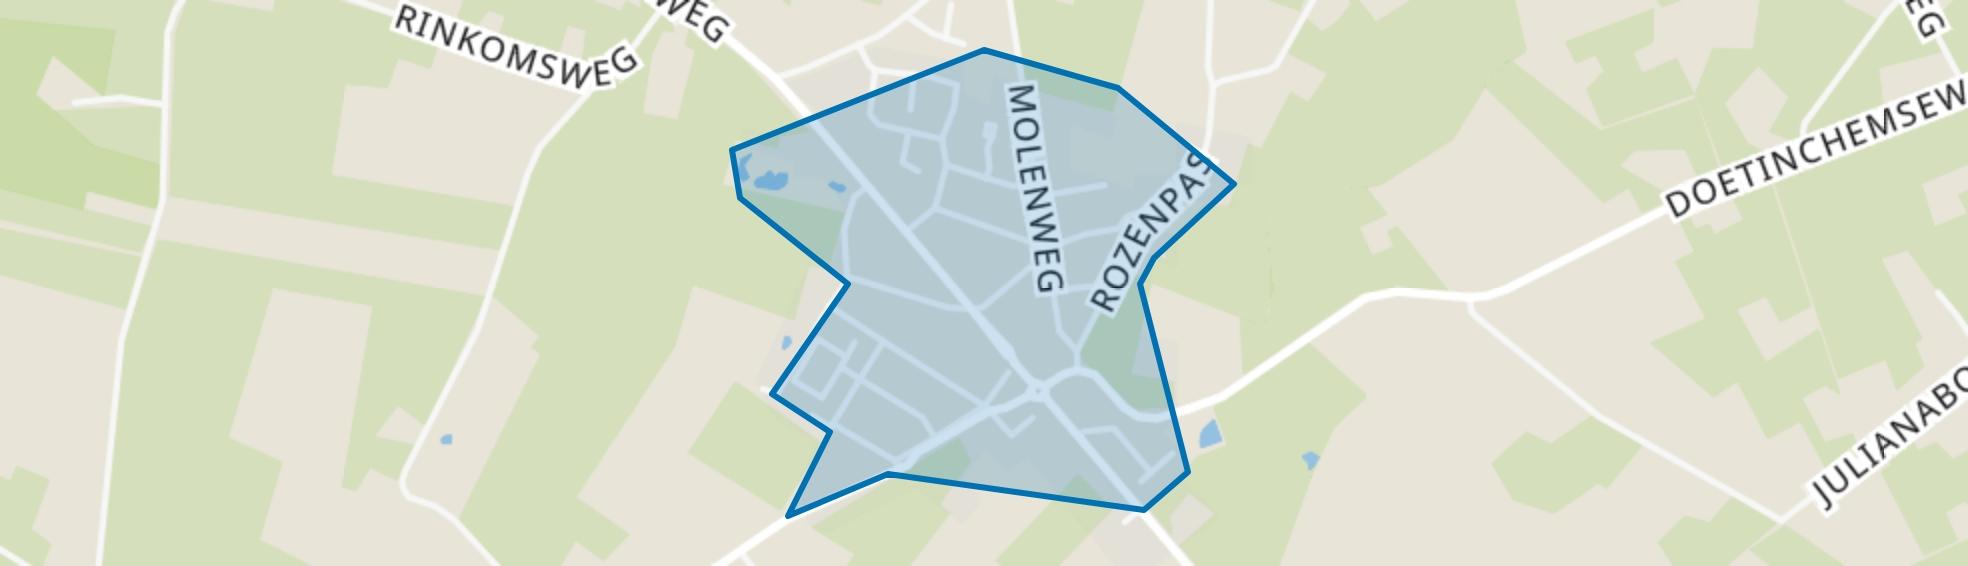 Kilder, Kilder map